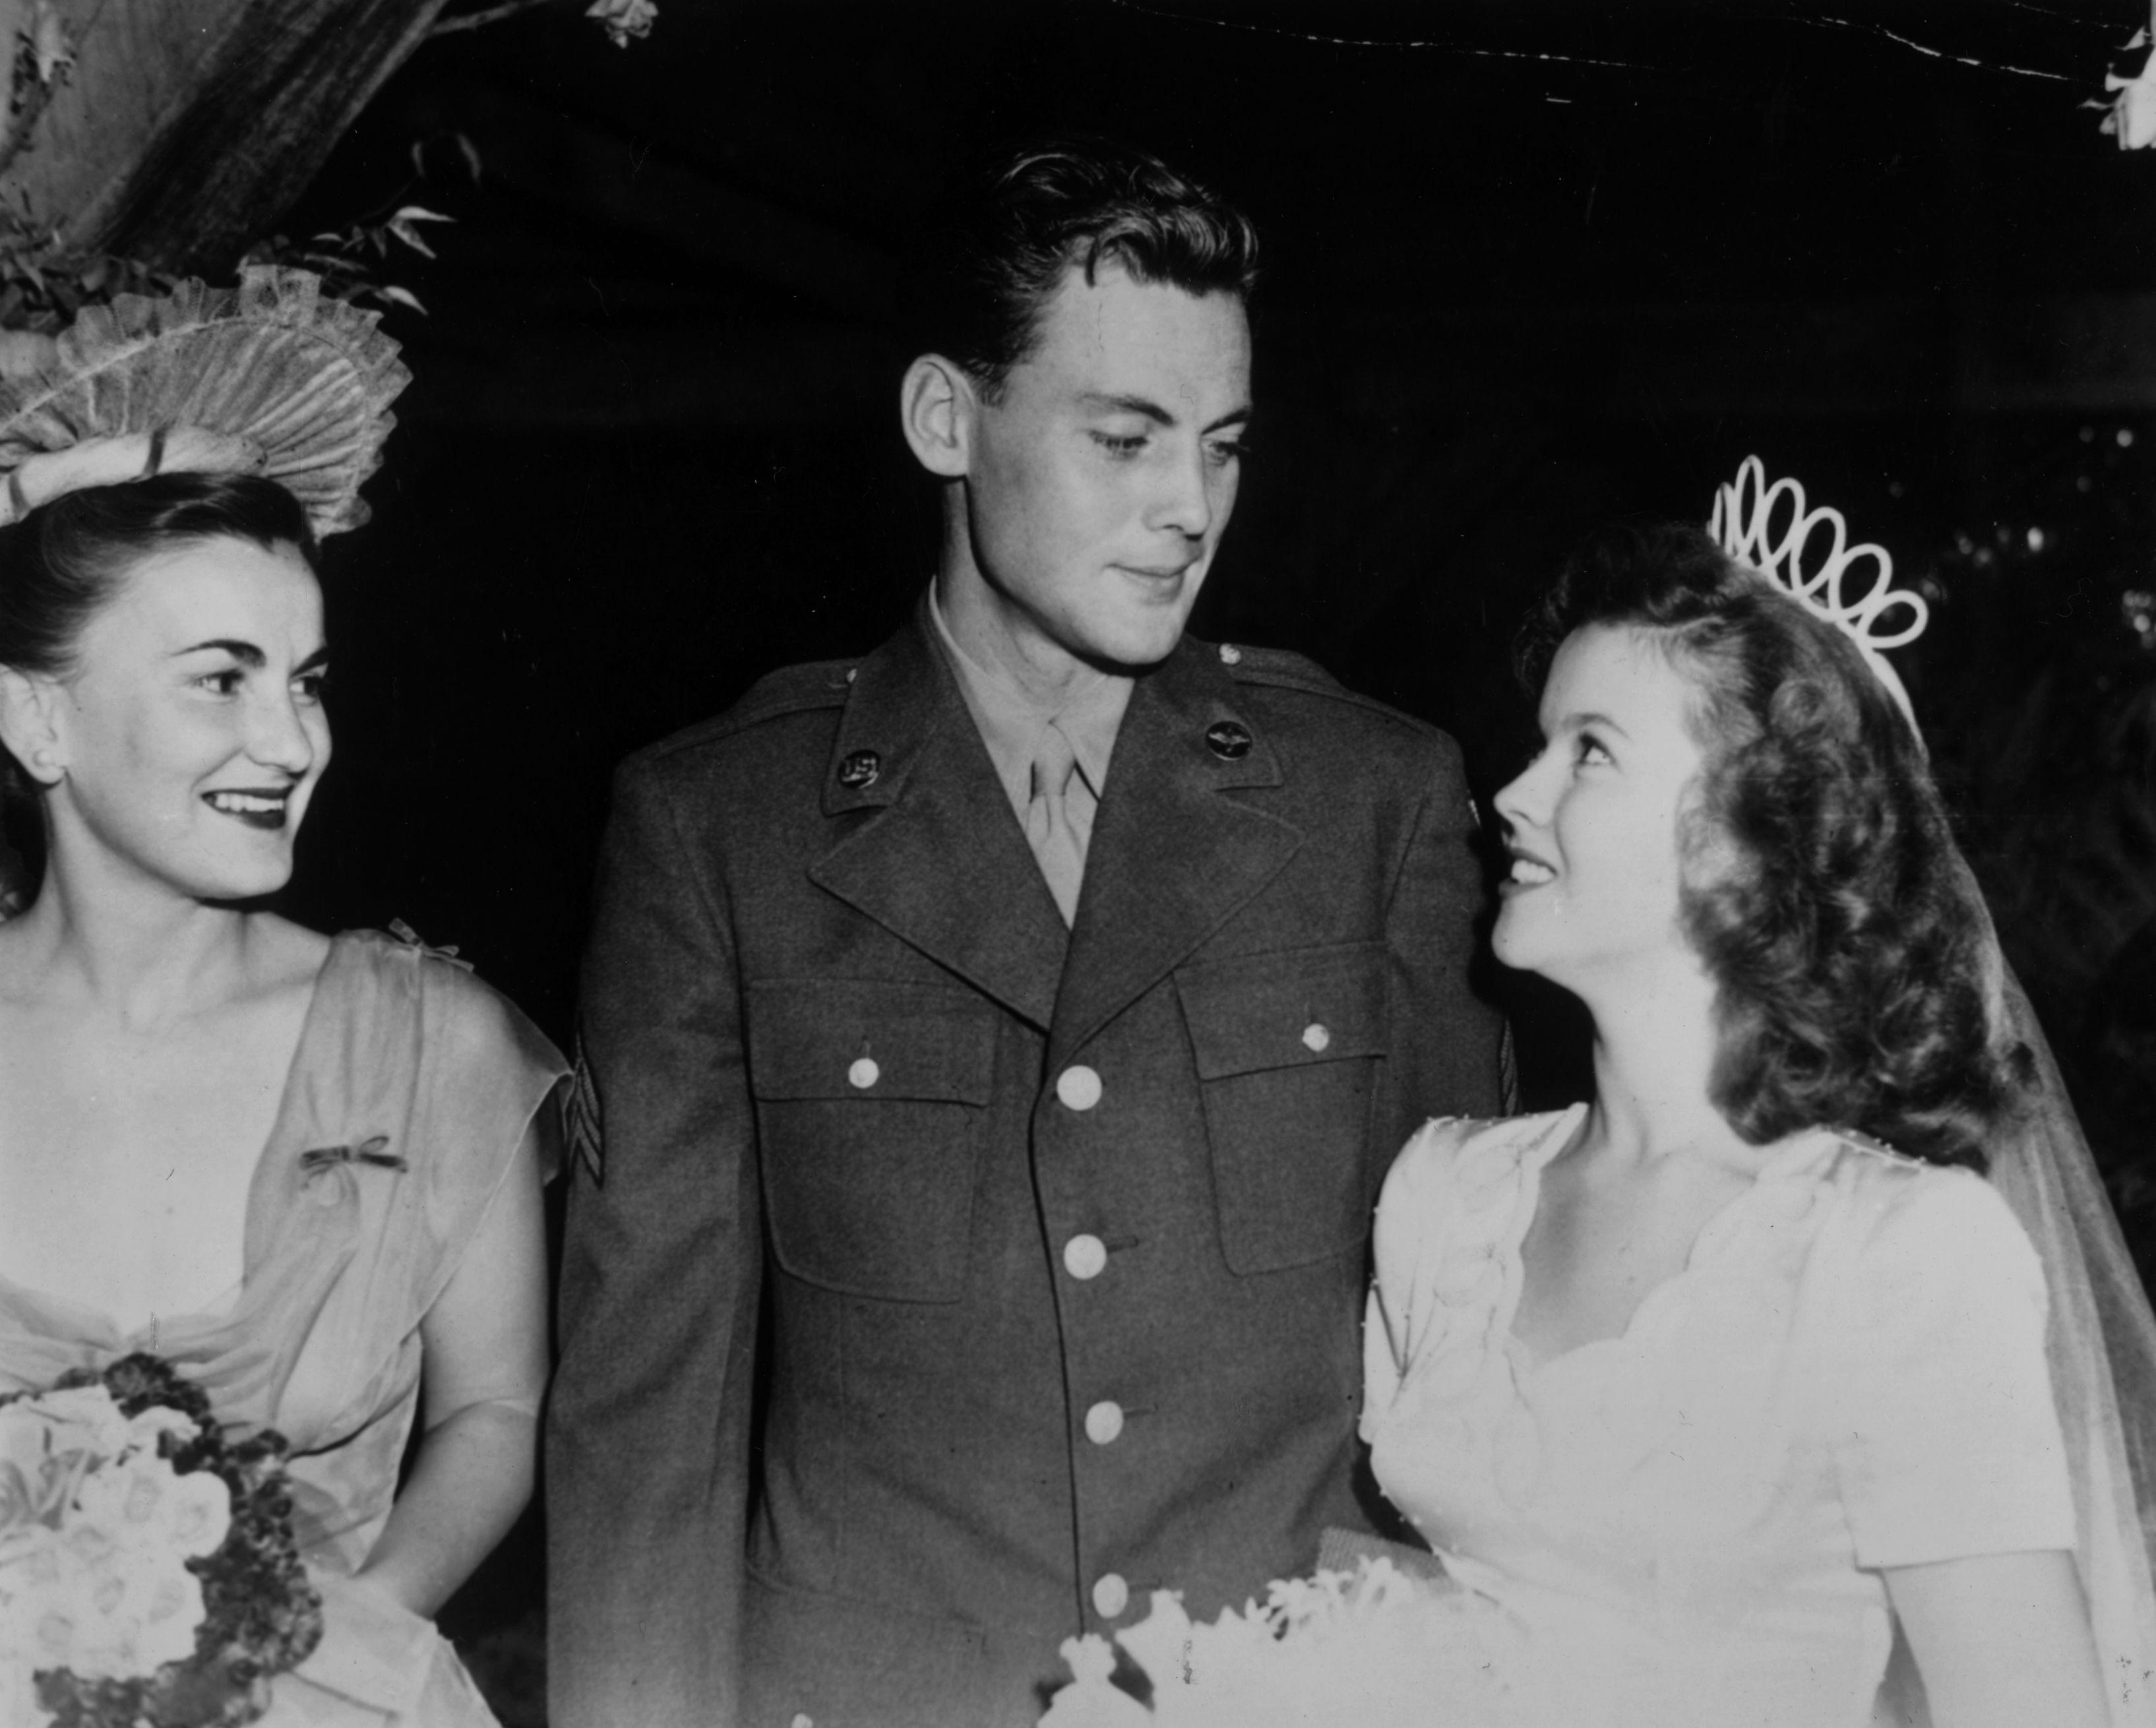 <p><strong>Шърли Темпъл</strong></p>  <p>На 19 септември 1945 г. 17-годишната Шърли Темпъл се омъжва за сержант Джон Ейгър. Те се разведат пет години по-късно и Темпъл се жени повторно.</p>